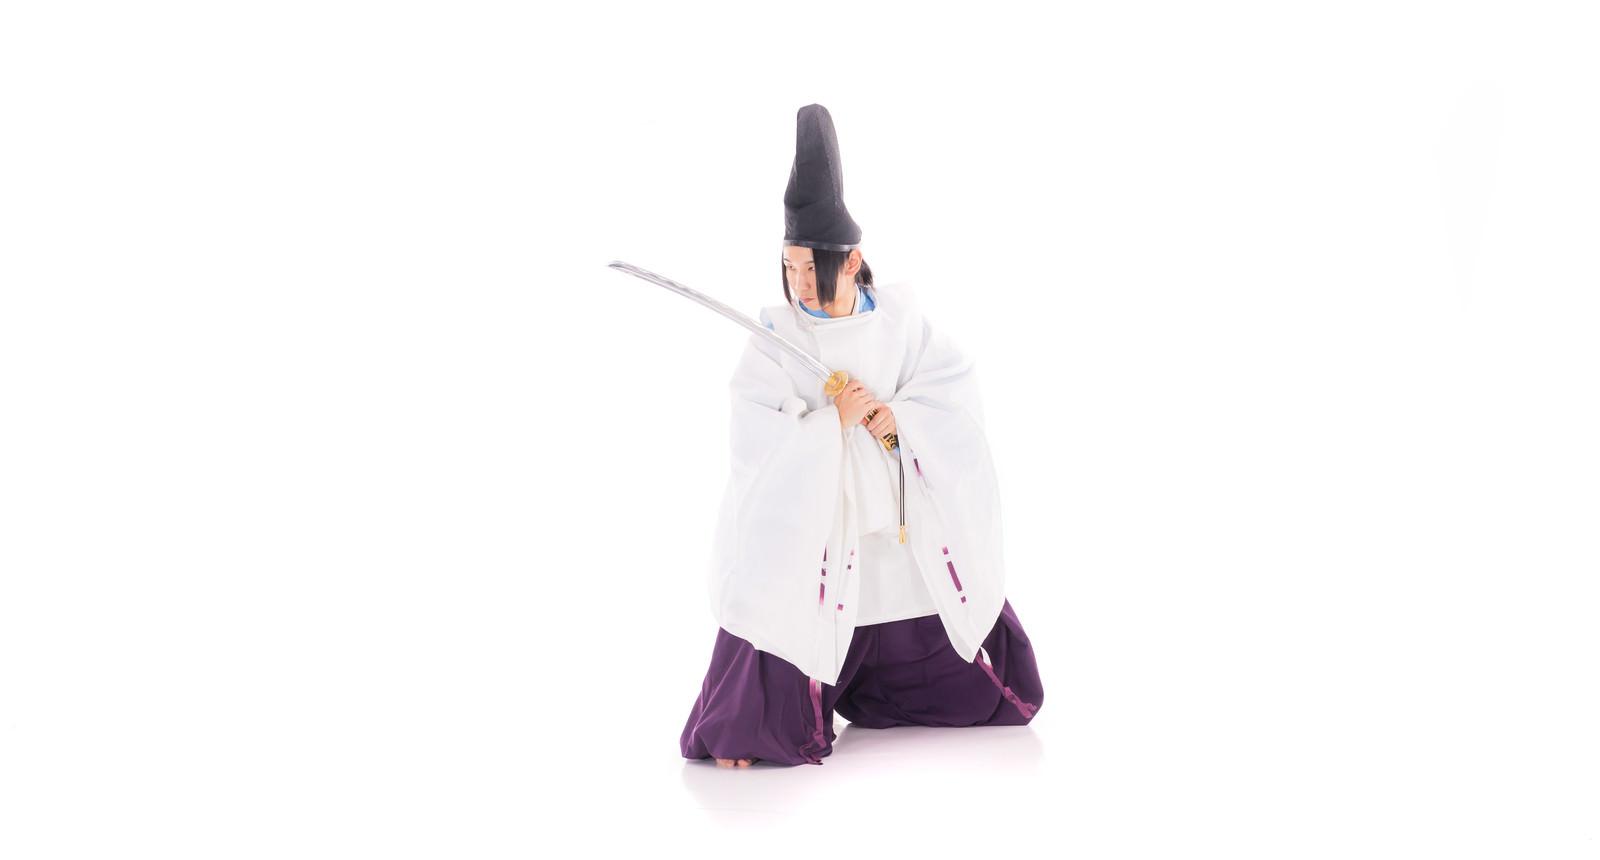 「日本刀を構える陰陽師の男性」の写真[モデル:まーこ]